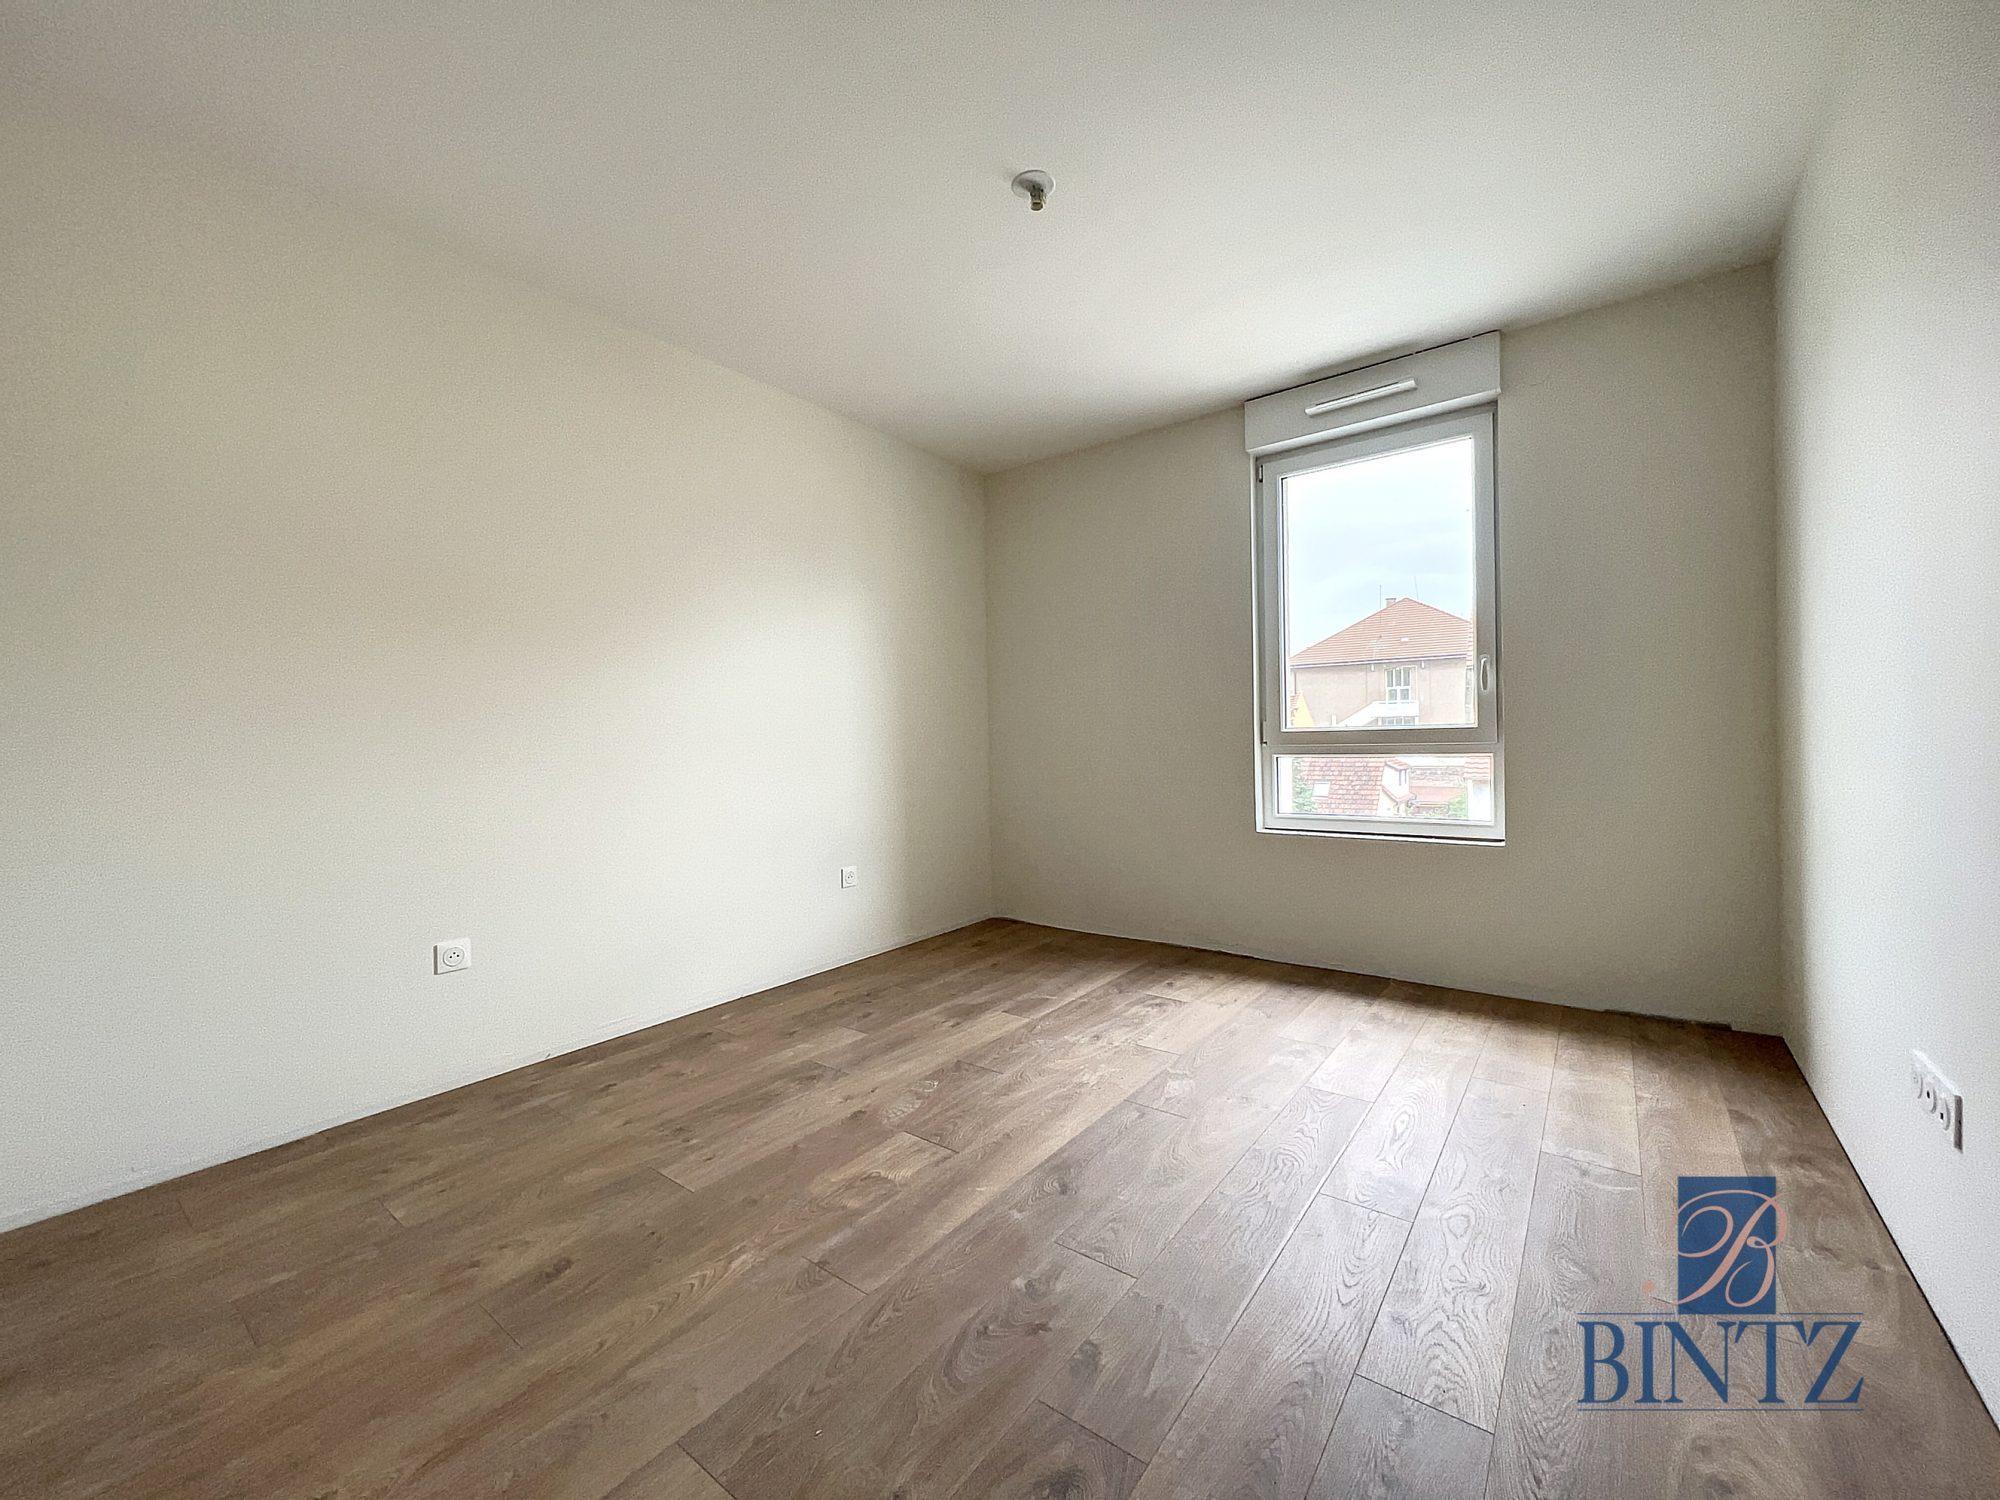 4 PIECES DANS IMMEUBLE NEUF AVEC TERRASSE - Devenez propriétaire en toute confiance - Bintz Immobilier - 7